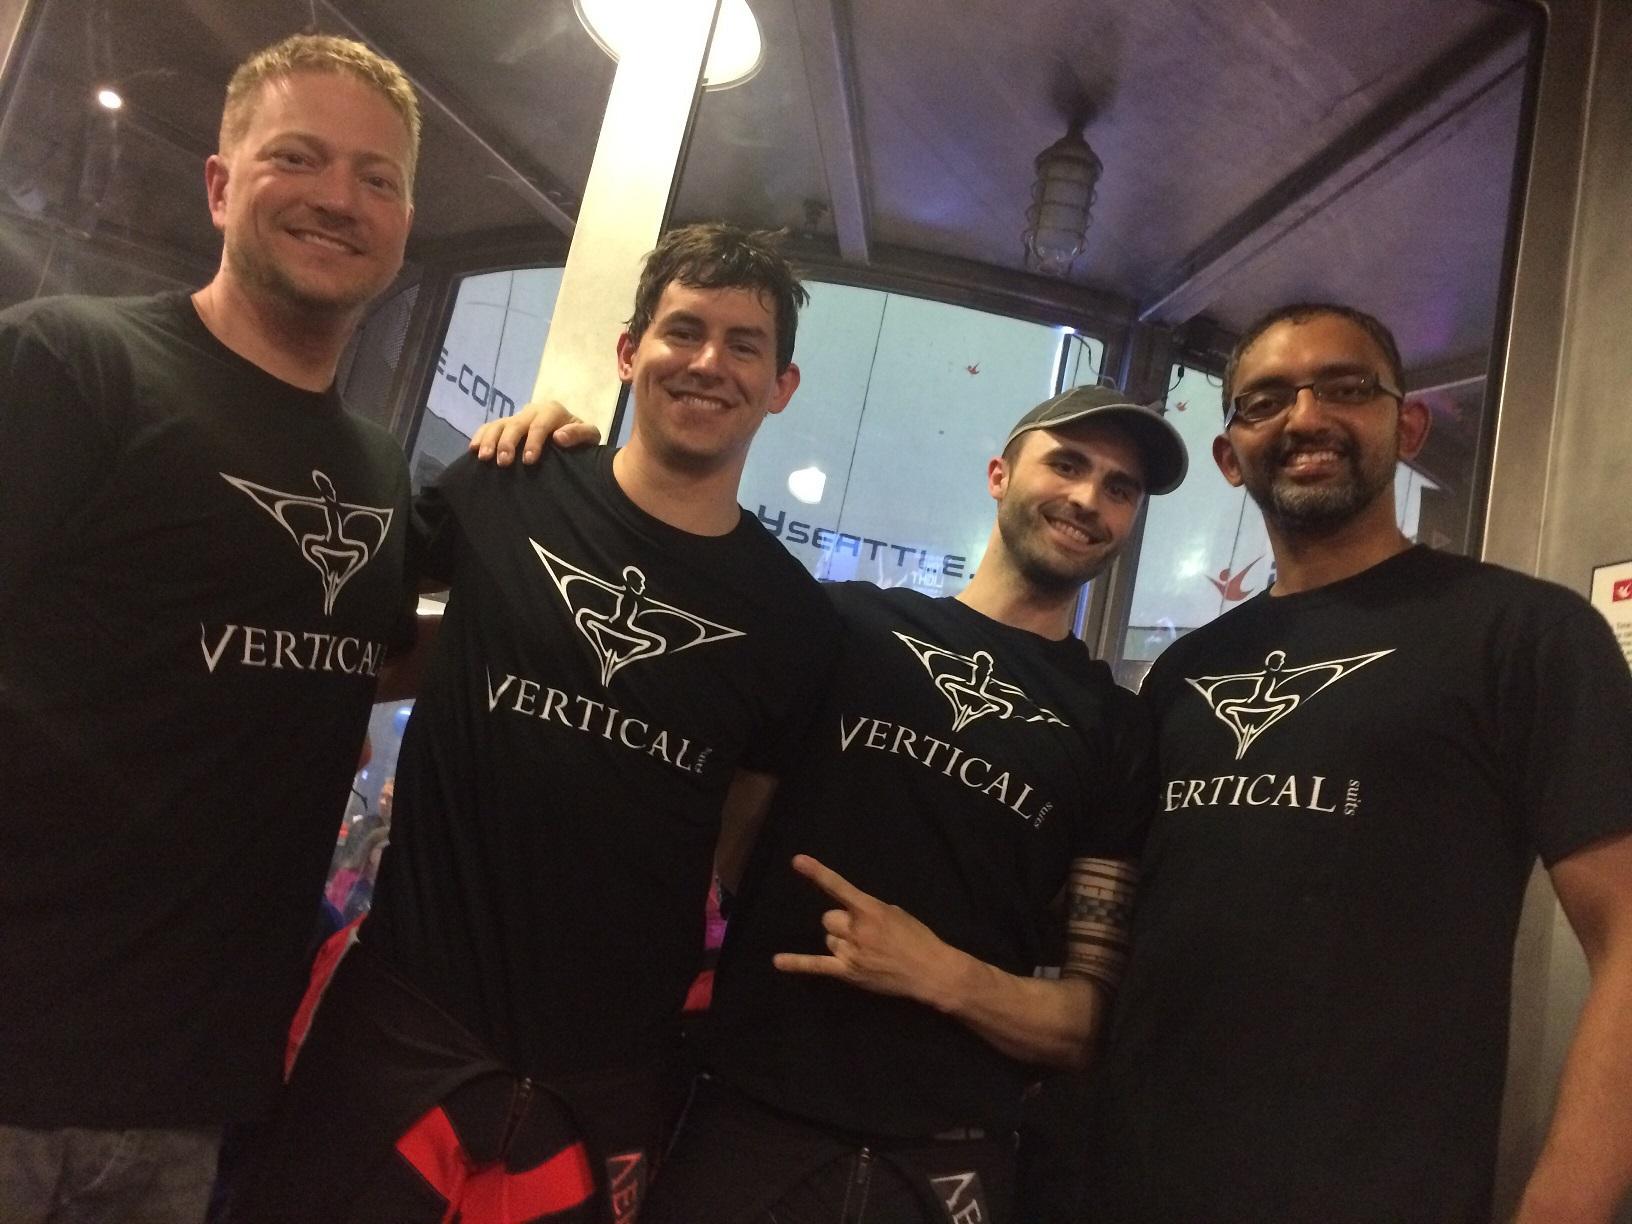 Vertical Shirts